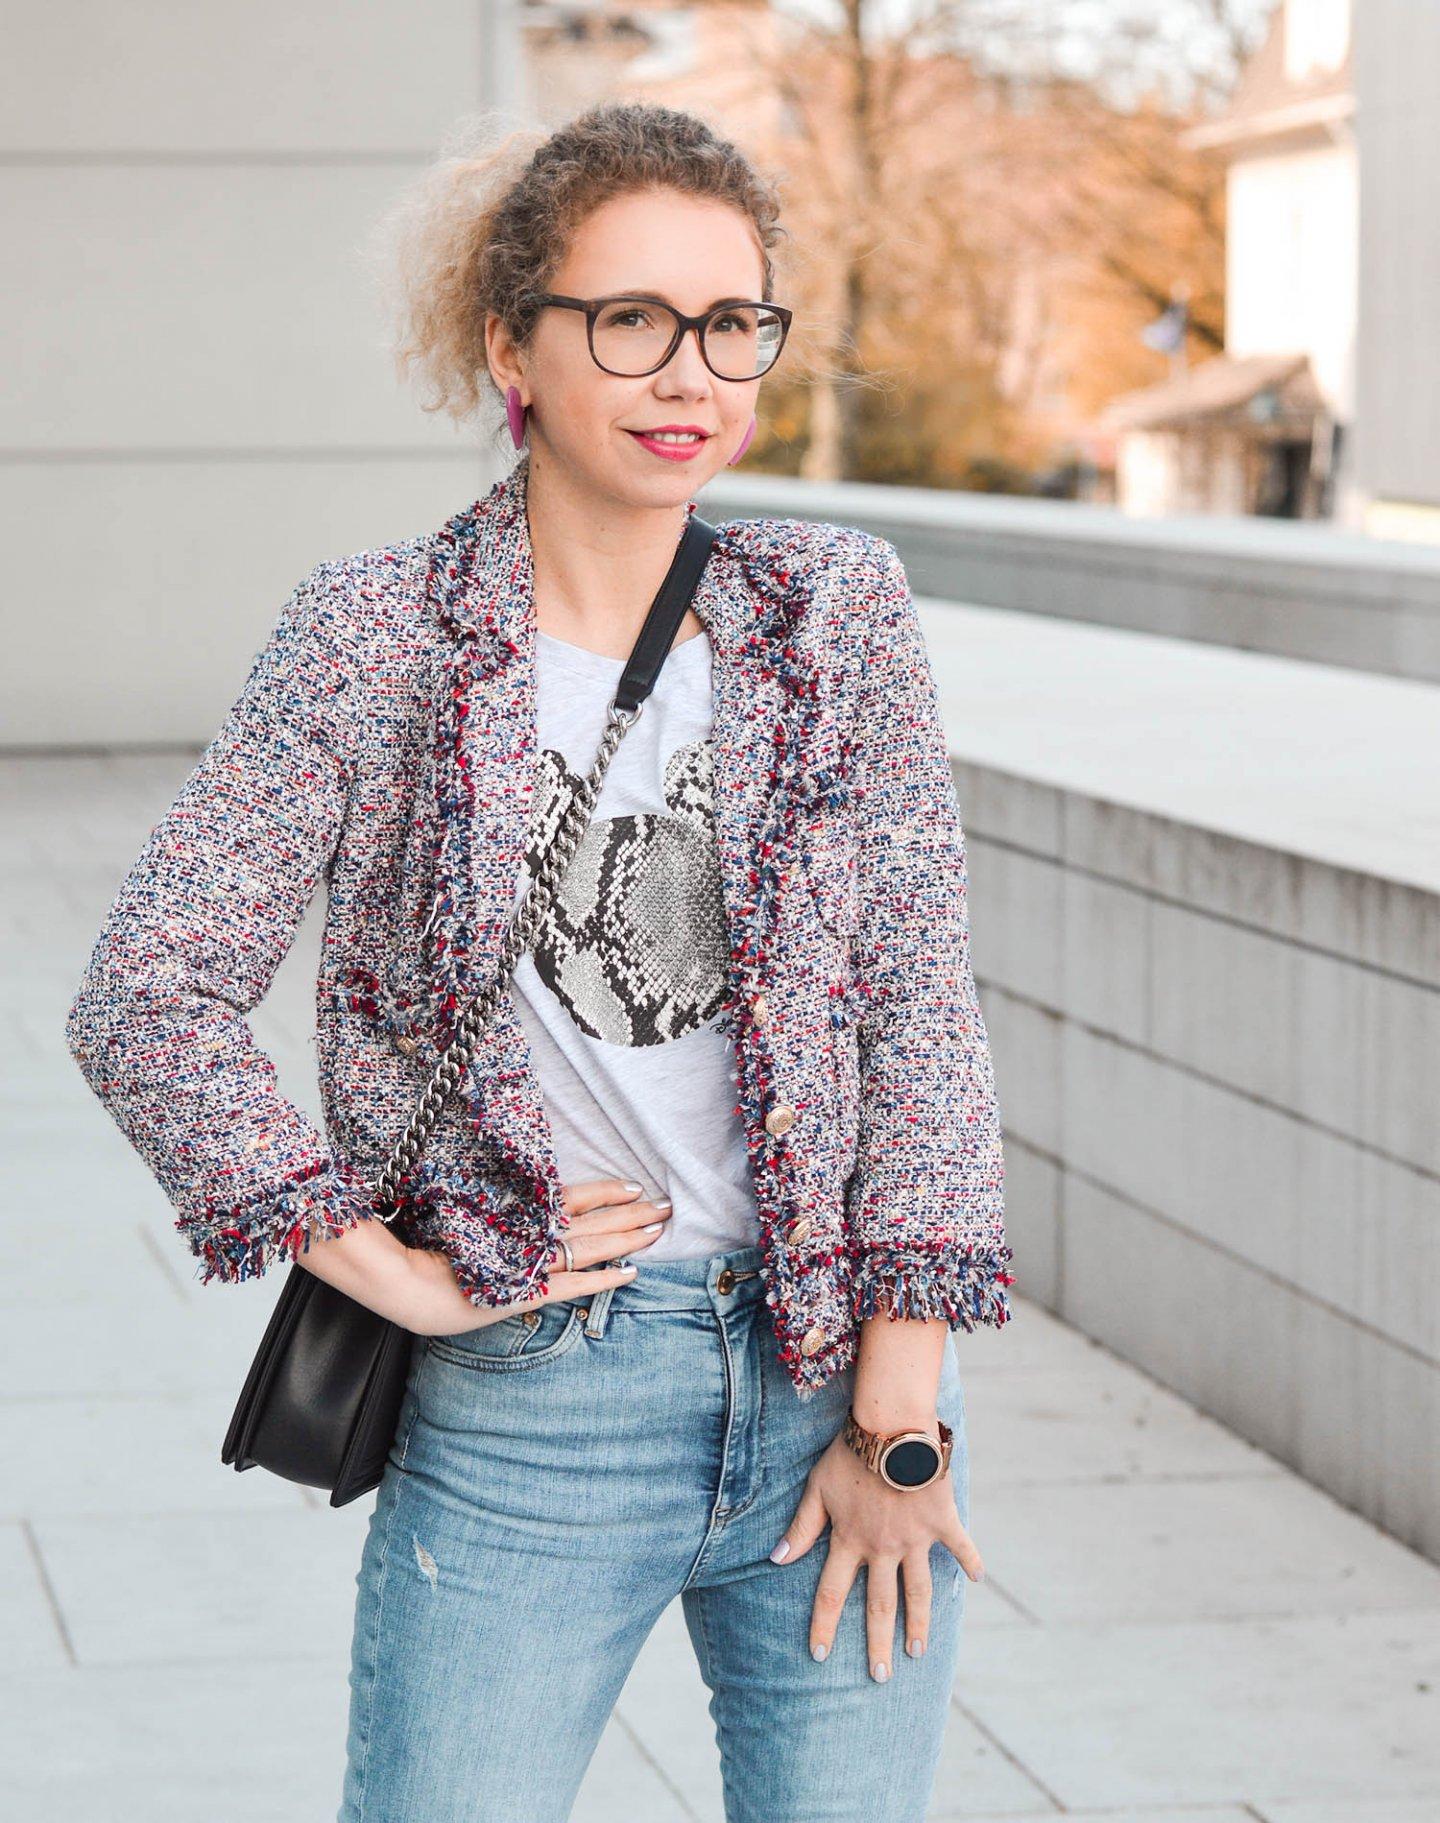 Tweedjacke von Zara mit Disney Shirt